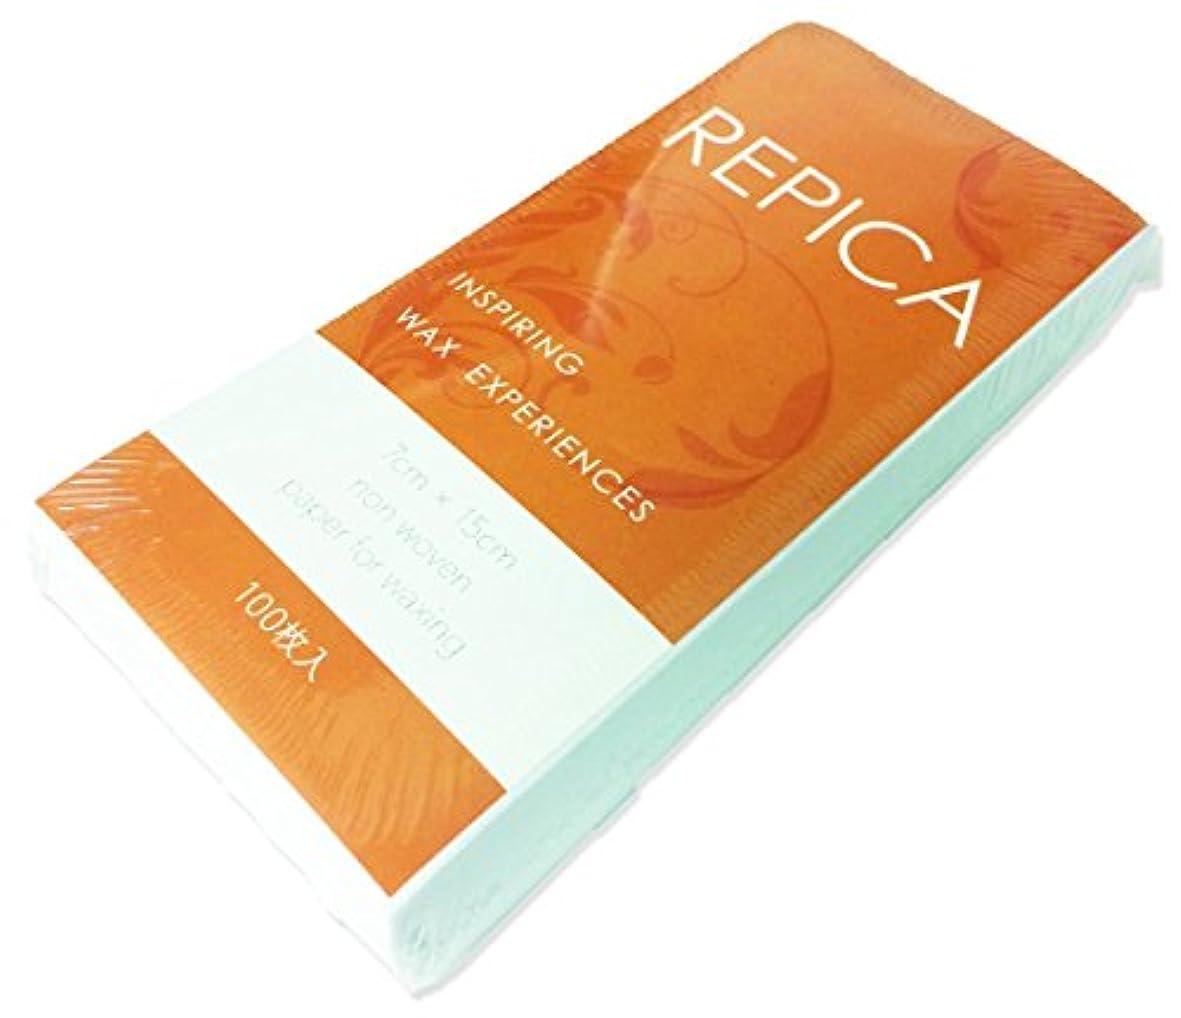 おなかがすいたささいな多用途REPICA ブラジリアンワックス脱毛 カットペーパー Mサイズ100枚入り×10個セット ワックス脱毛 ワックスシート ストリップシート